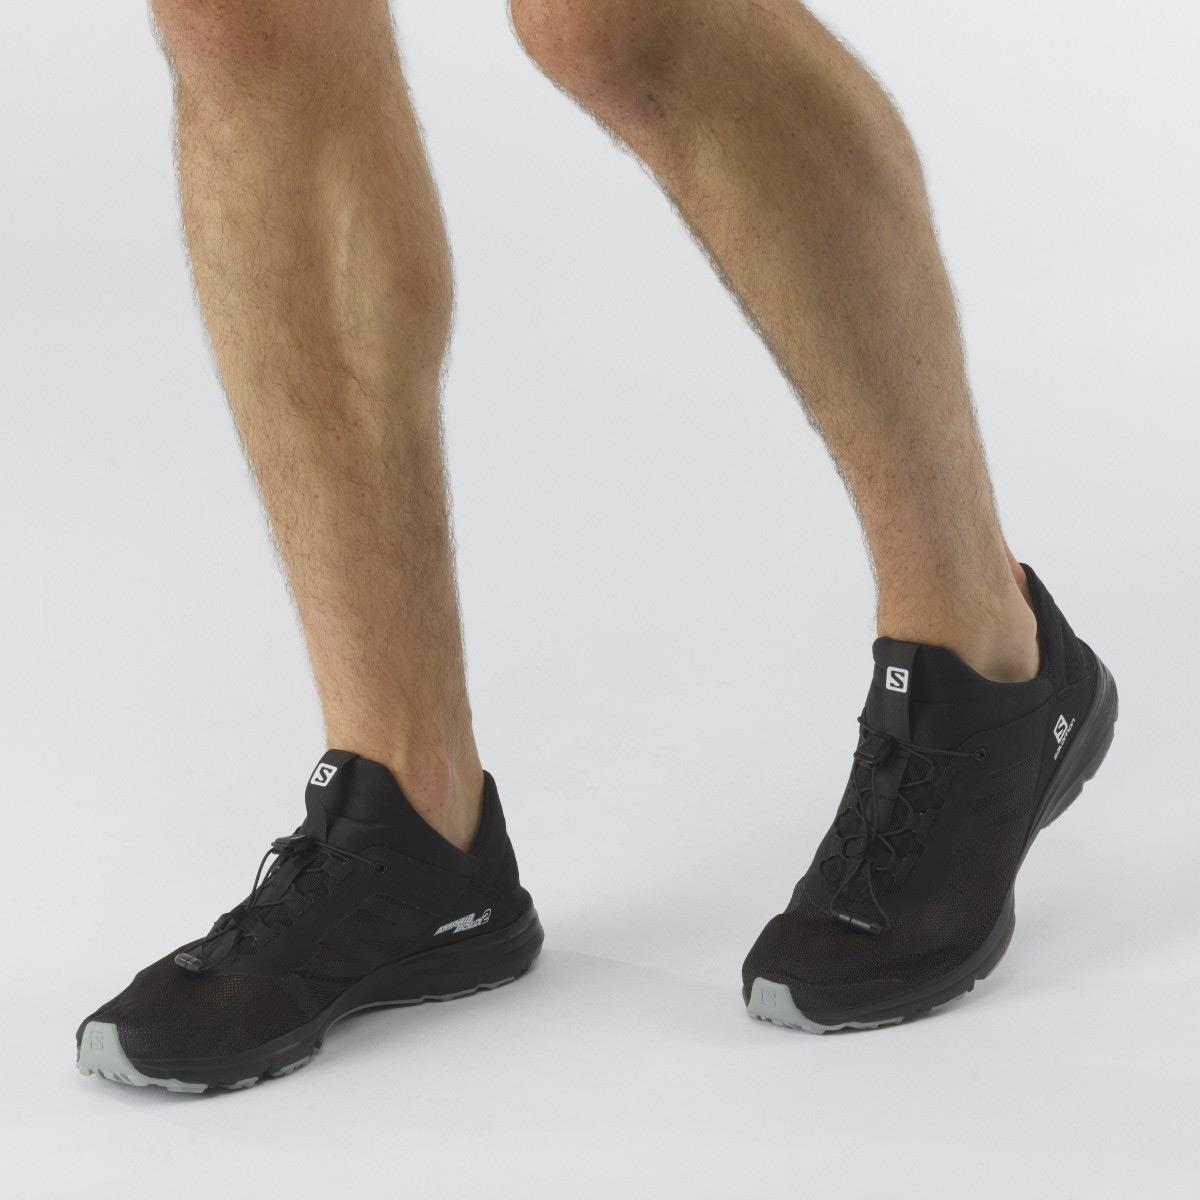 Salomon AMPHIB BOLD 2 Erkek Ayakkabısı L41303800